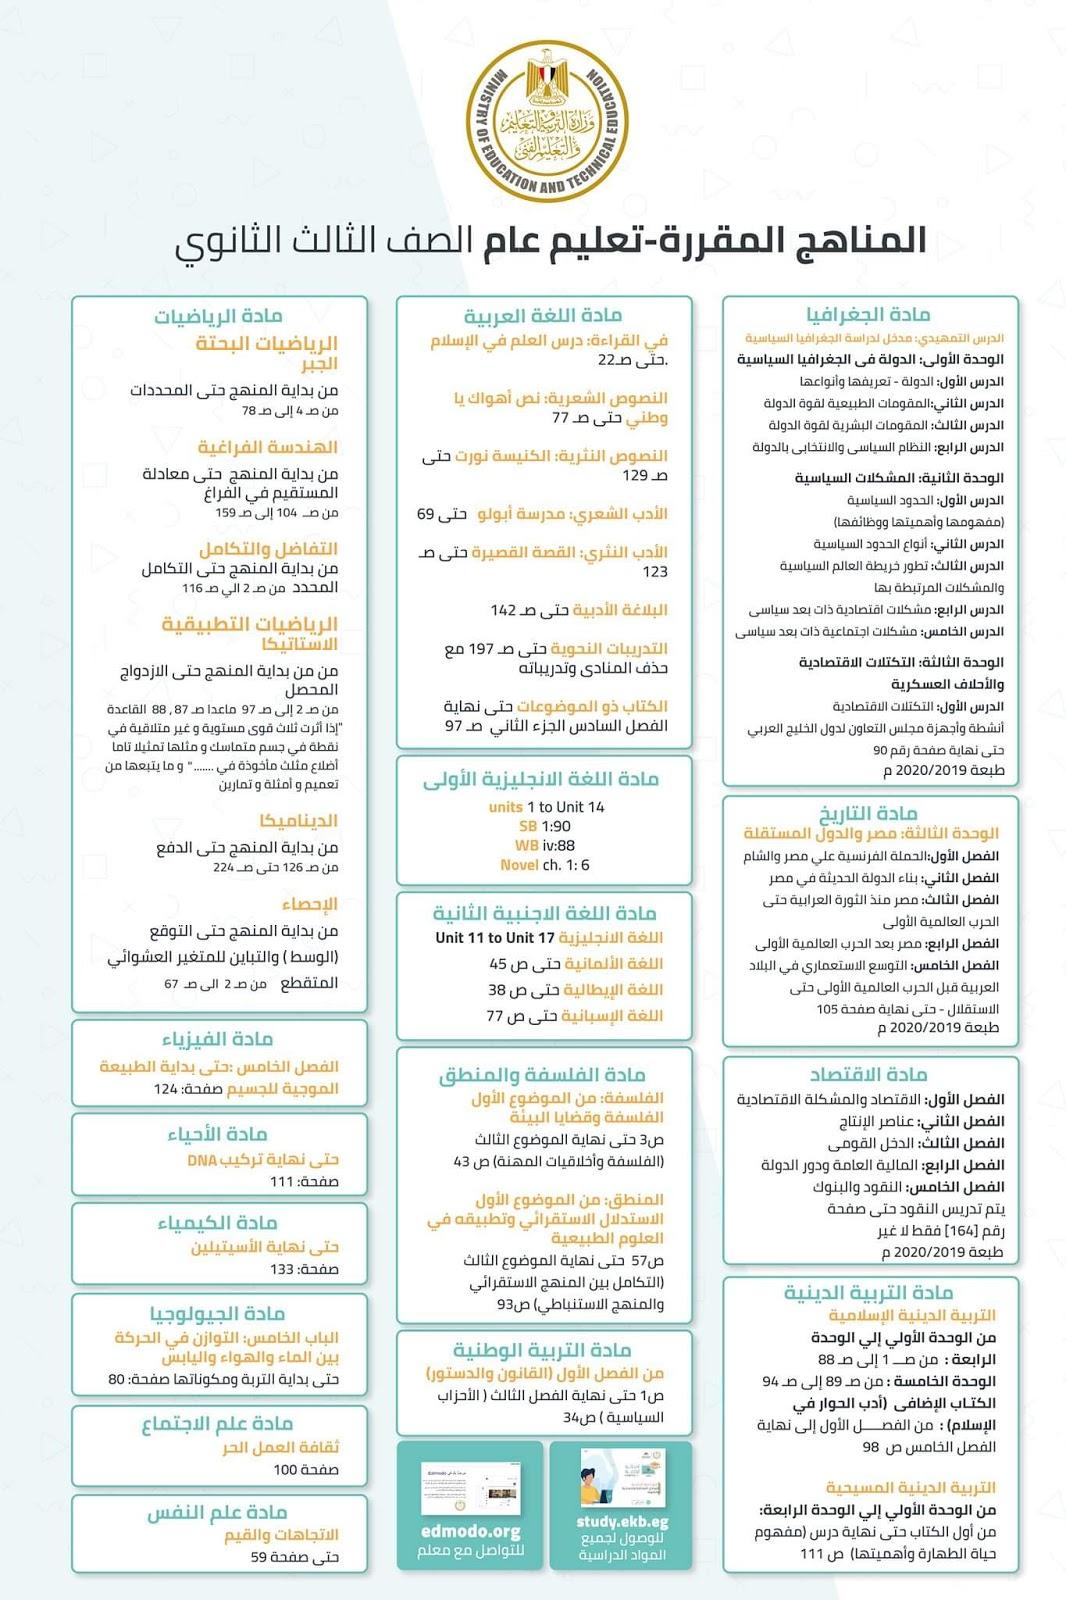 وزارة التربية والتعليم المناهج المقررة للصف الثالث الثانوى العام 2020 حتى 15 مارس2020